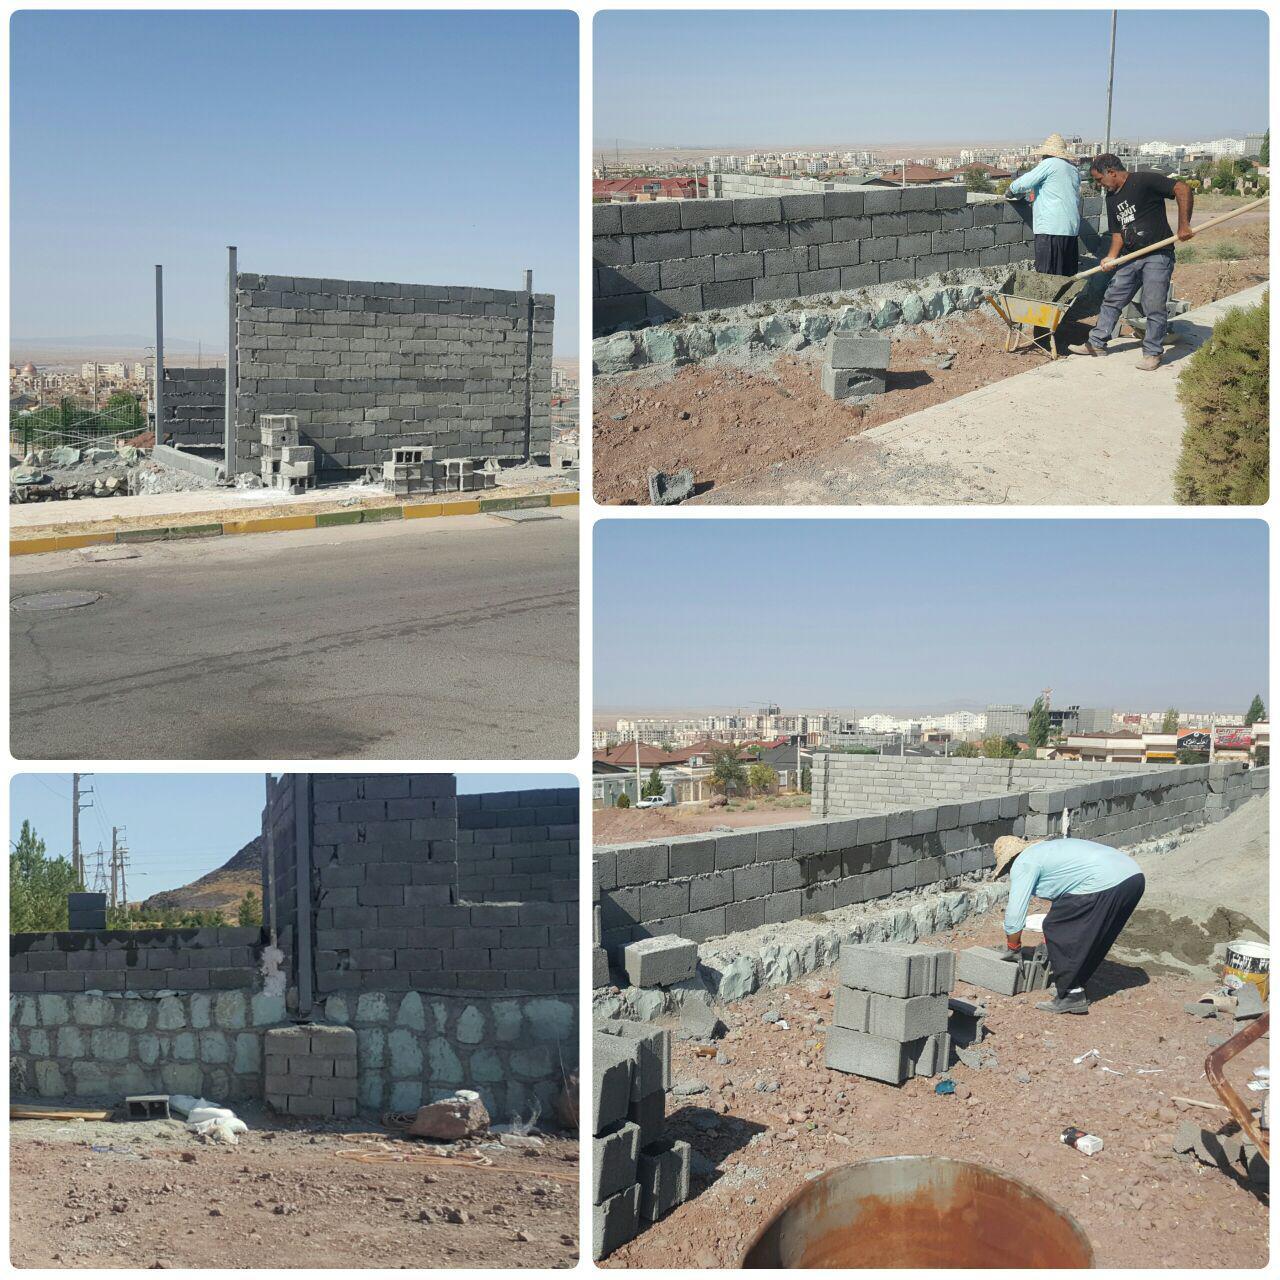 روند پُر شتاب پروژه های عمرانی در پرند / احداث ساختمان مجموعه ورزشی شمشاد